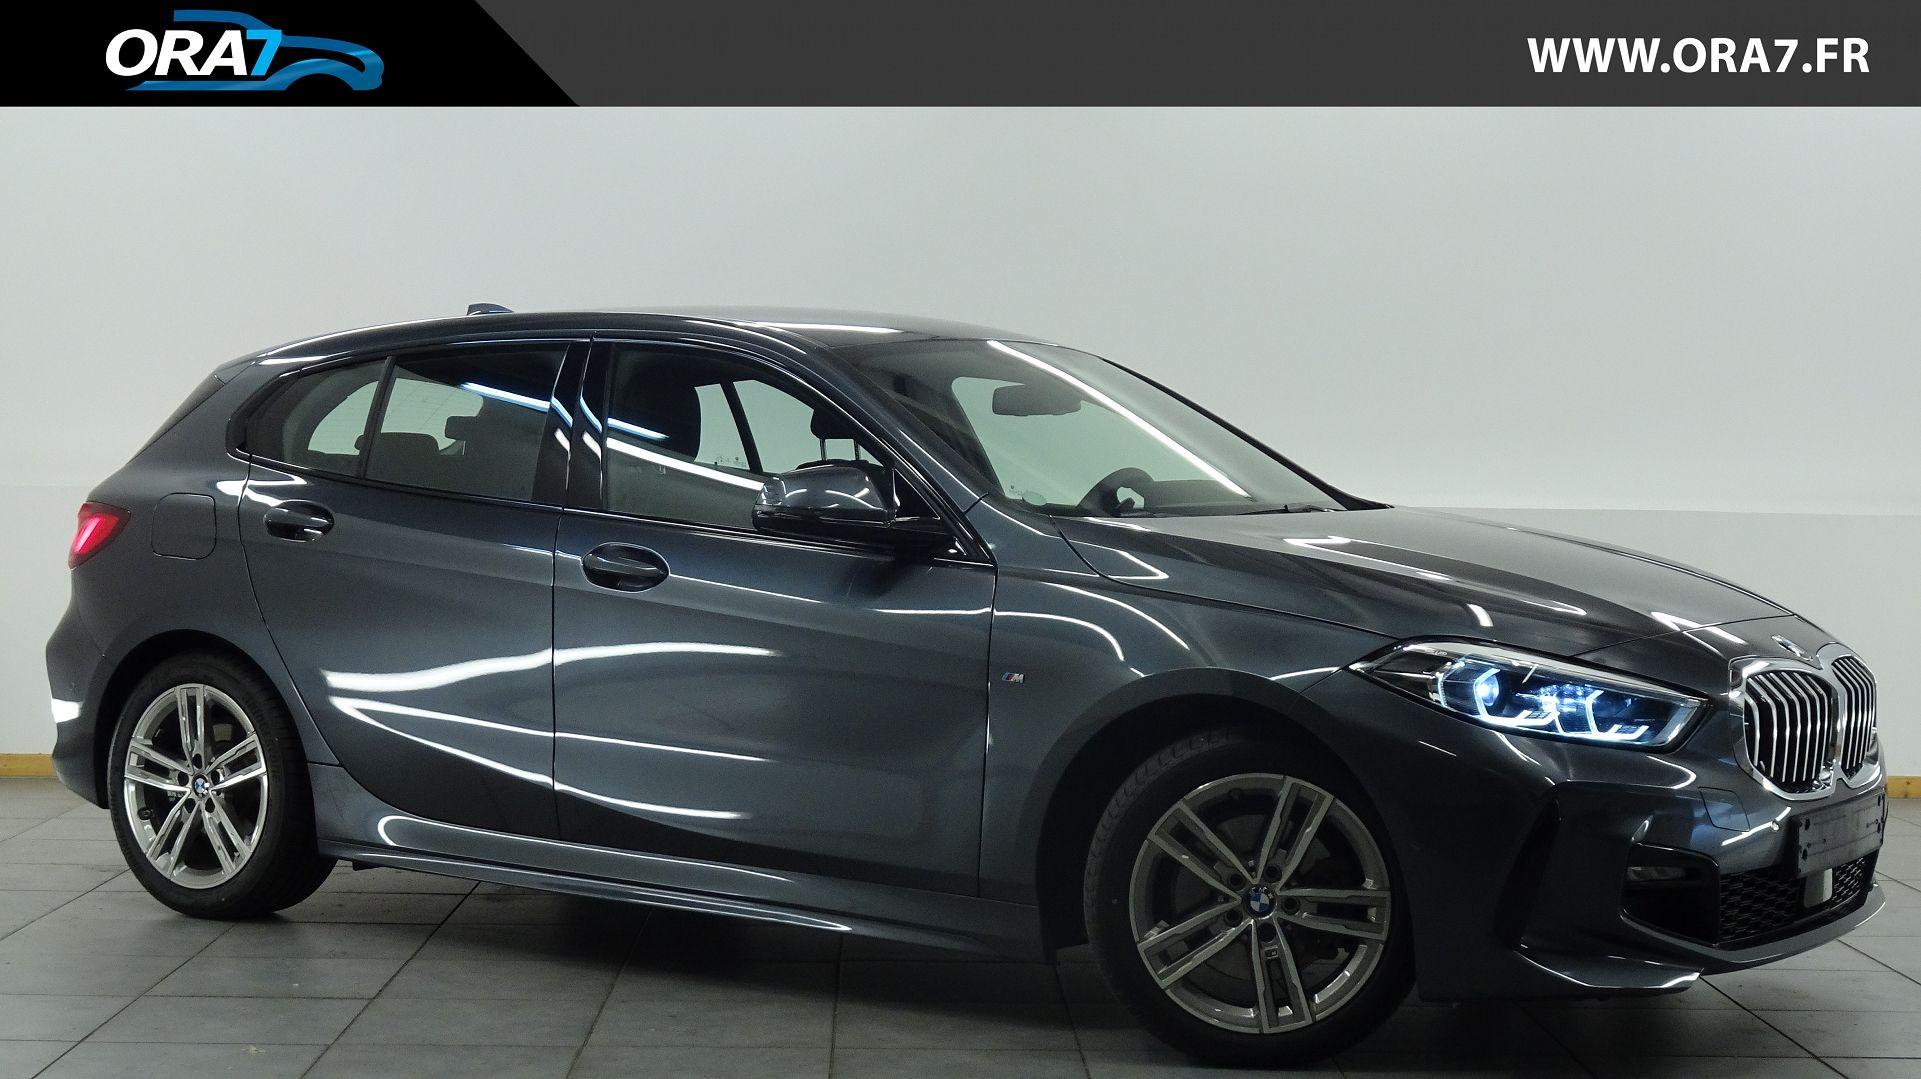 Nouvelle BMW SERIE 1 (F40) 118DA 150CH M SPORT 8CV d'occasion dans votre centre ORA7